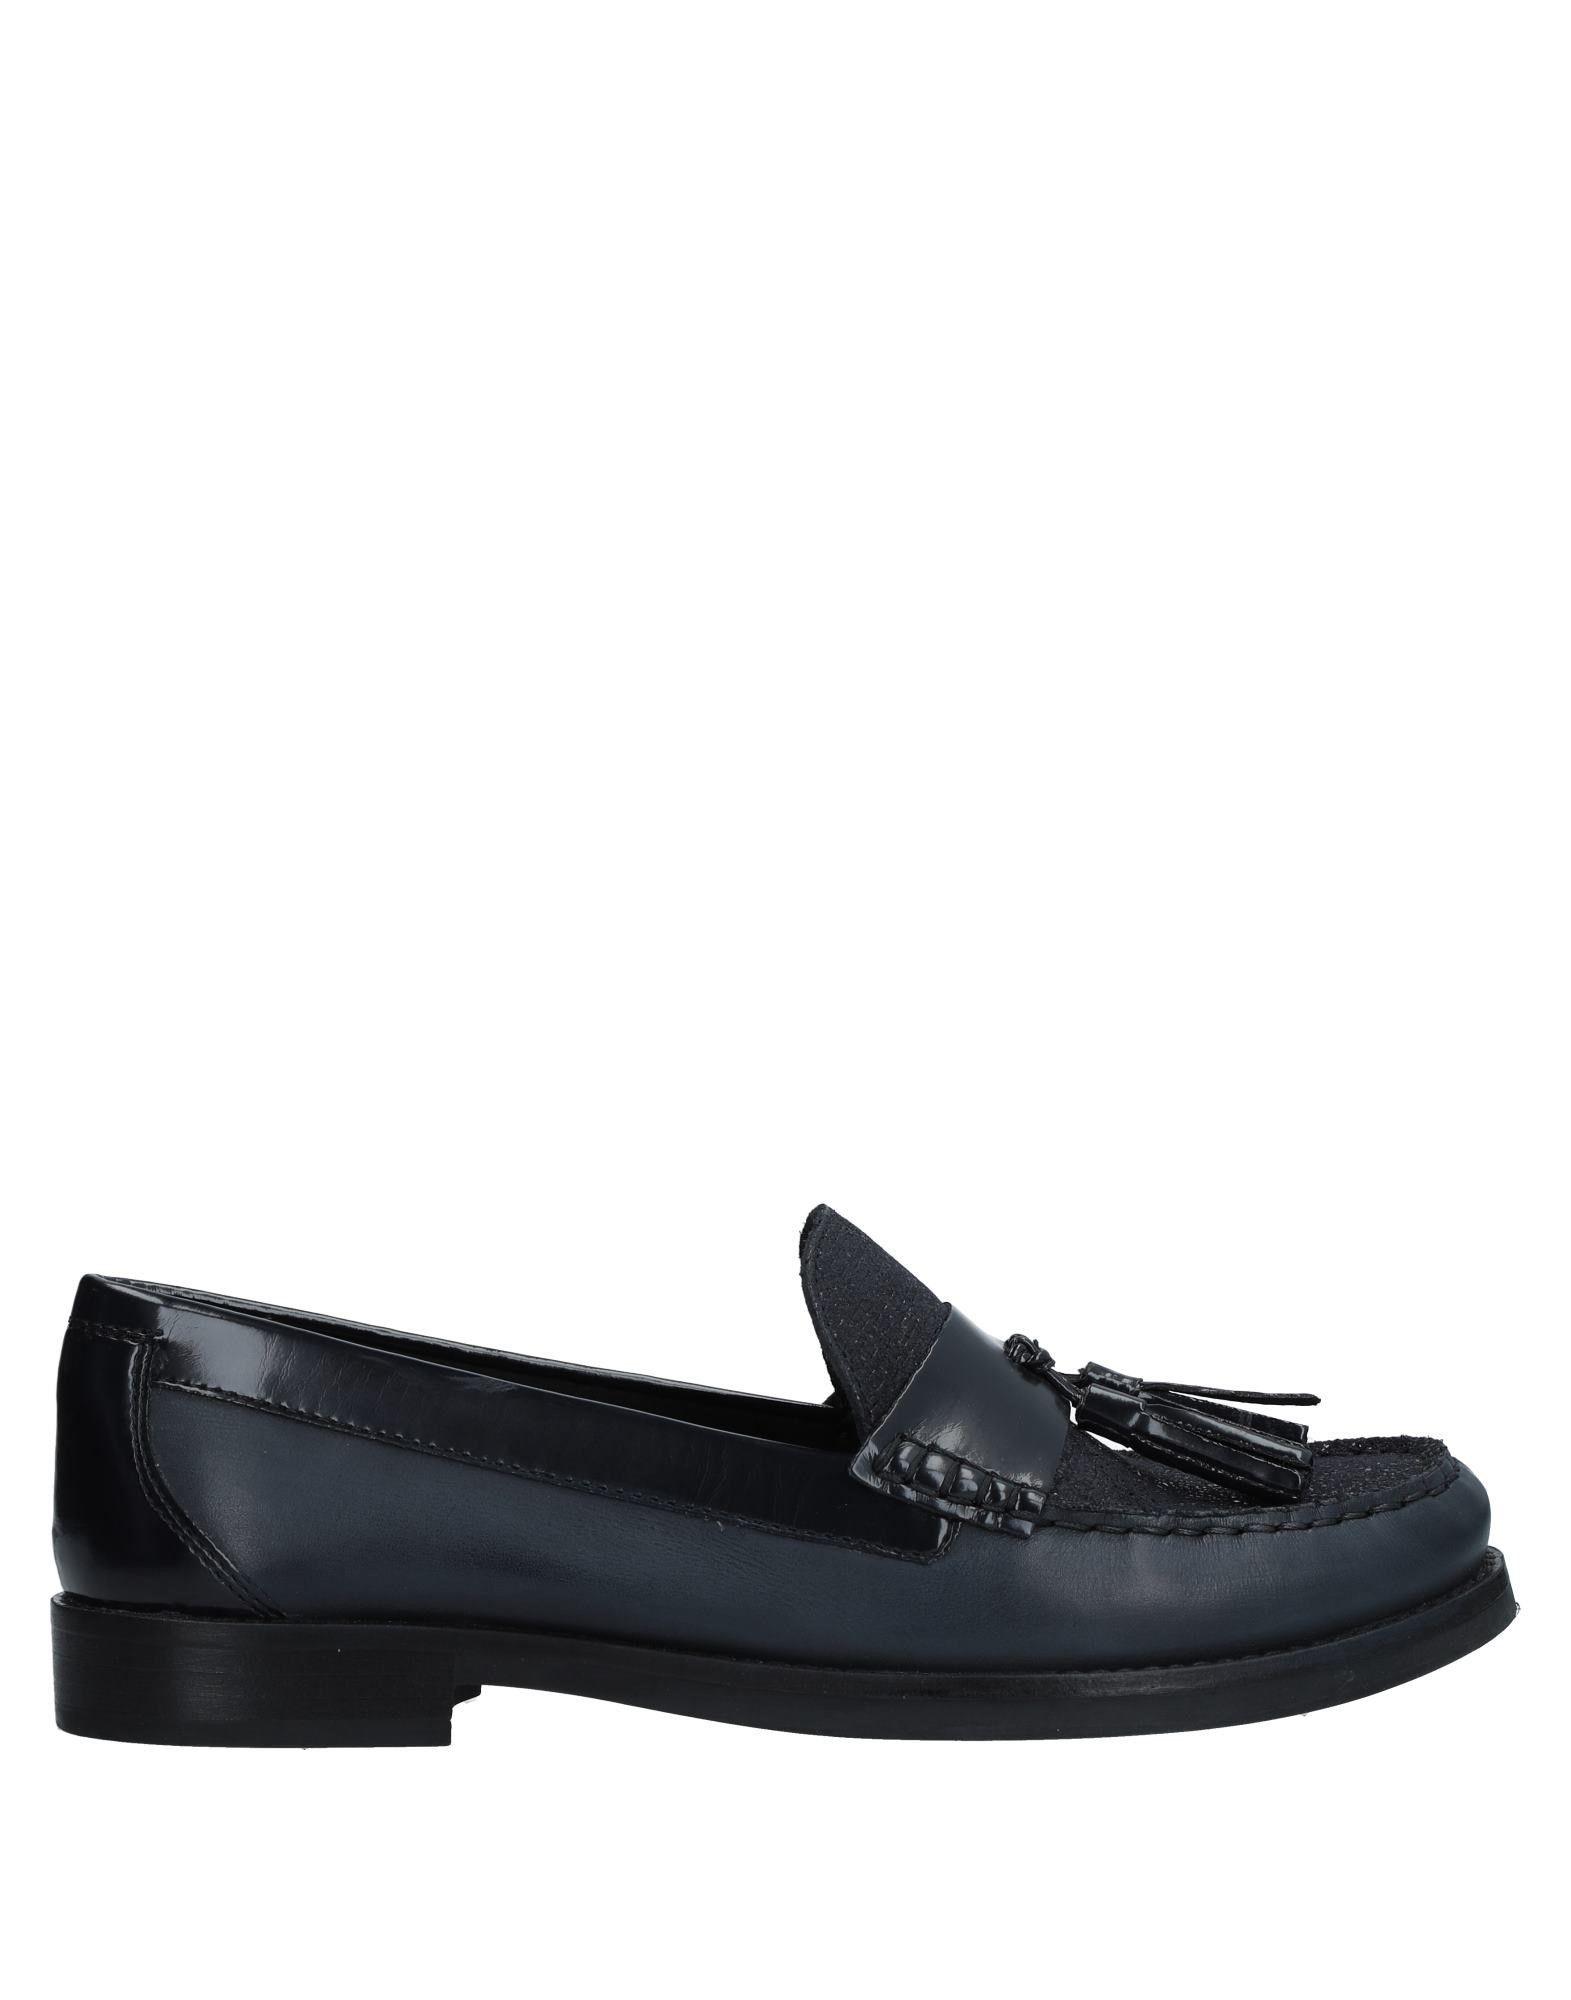 Geox Mokassins Damen Qualität  11540543NW Gute Qualität Damen beliebte Schuhe a5d546